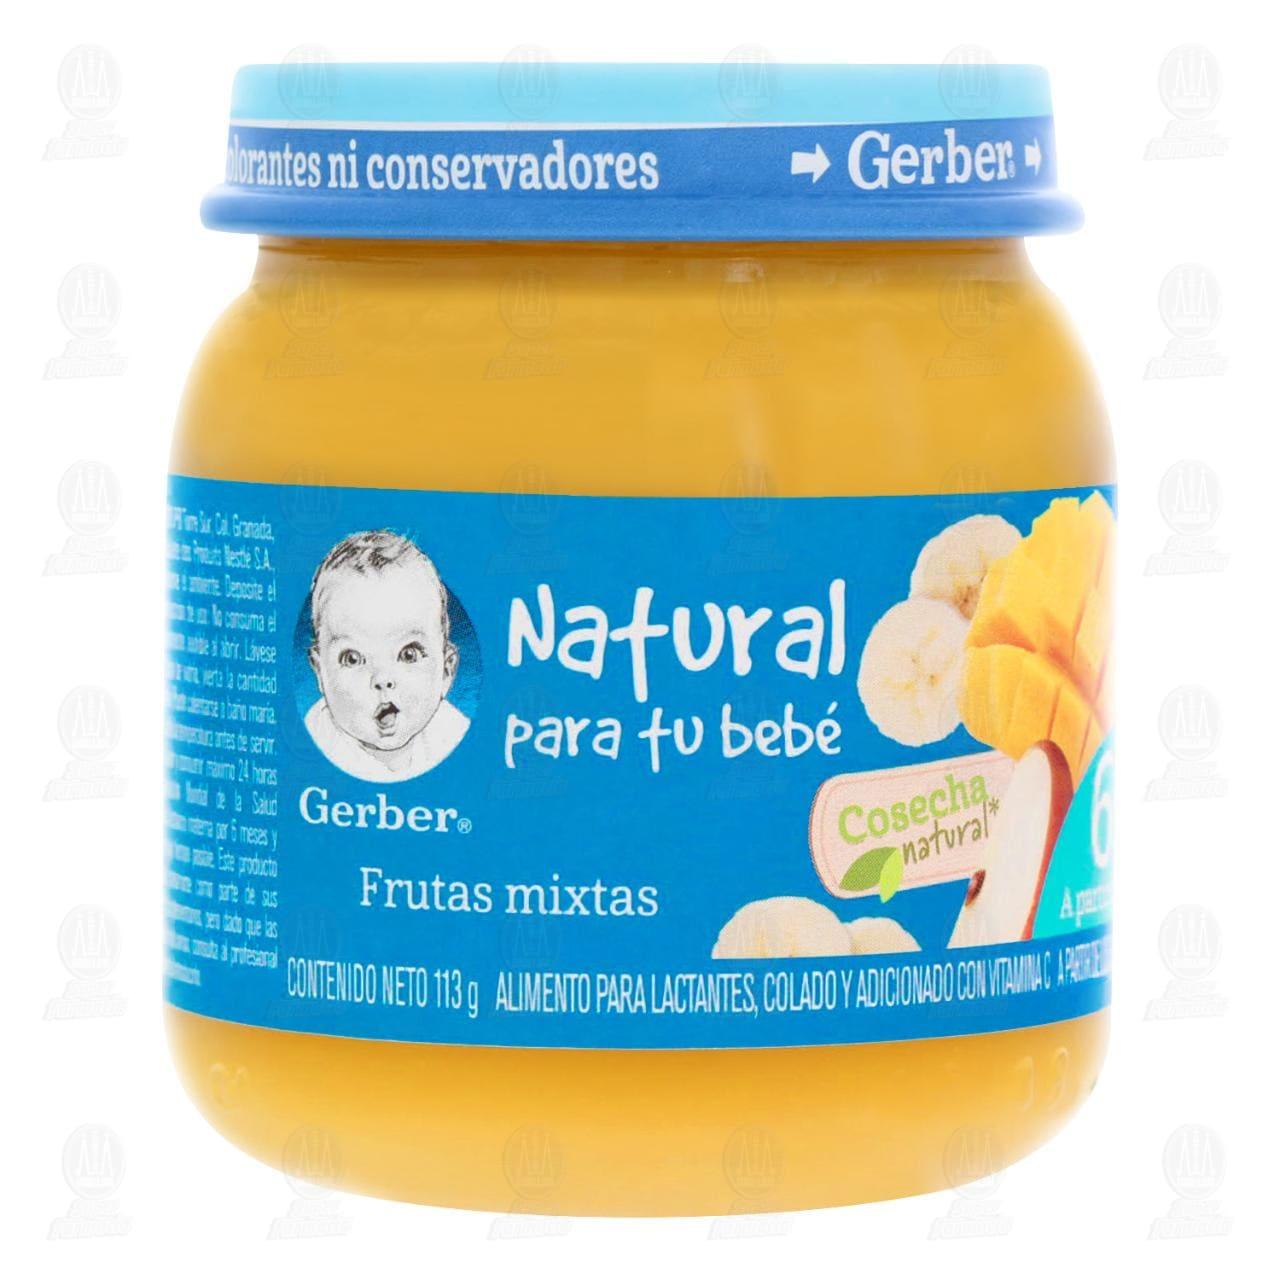 comprar https://www.movil.farmaciasguadalajara.com/wcsstore/FGCAS/wcs/products/292320_A_1280_AL.jpg en farmacias guadalajara